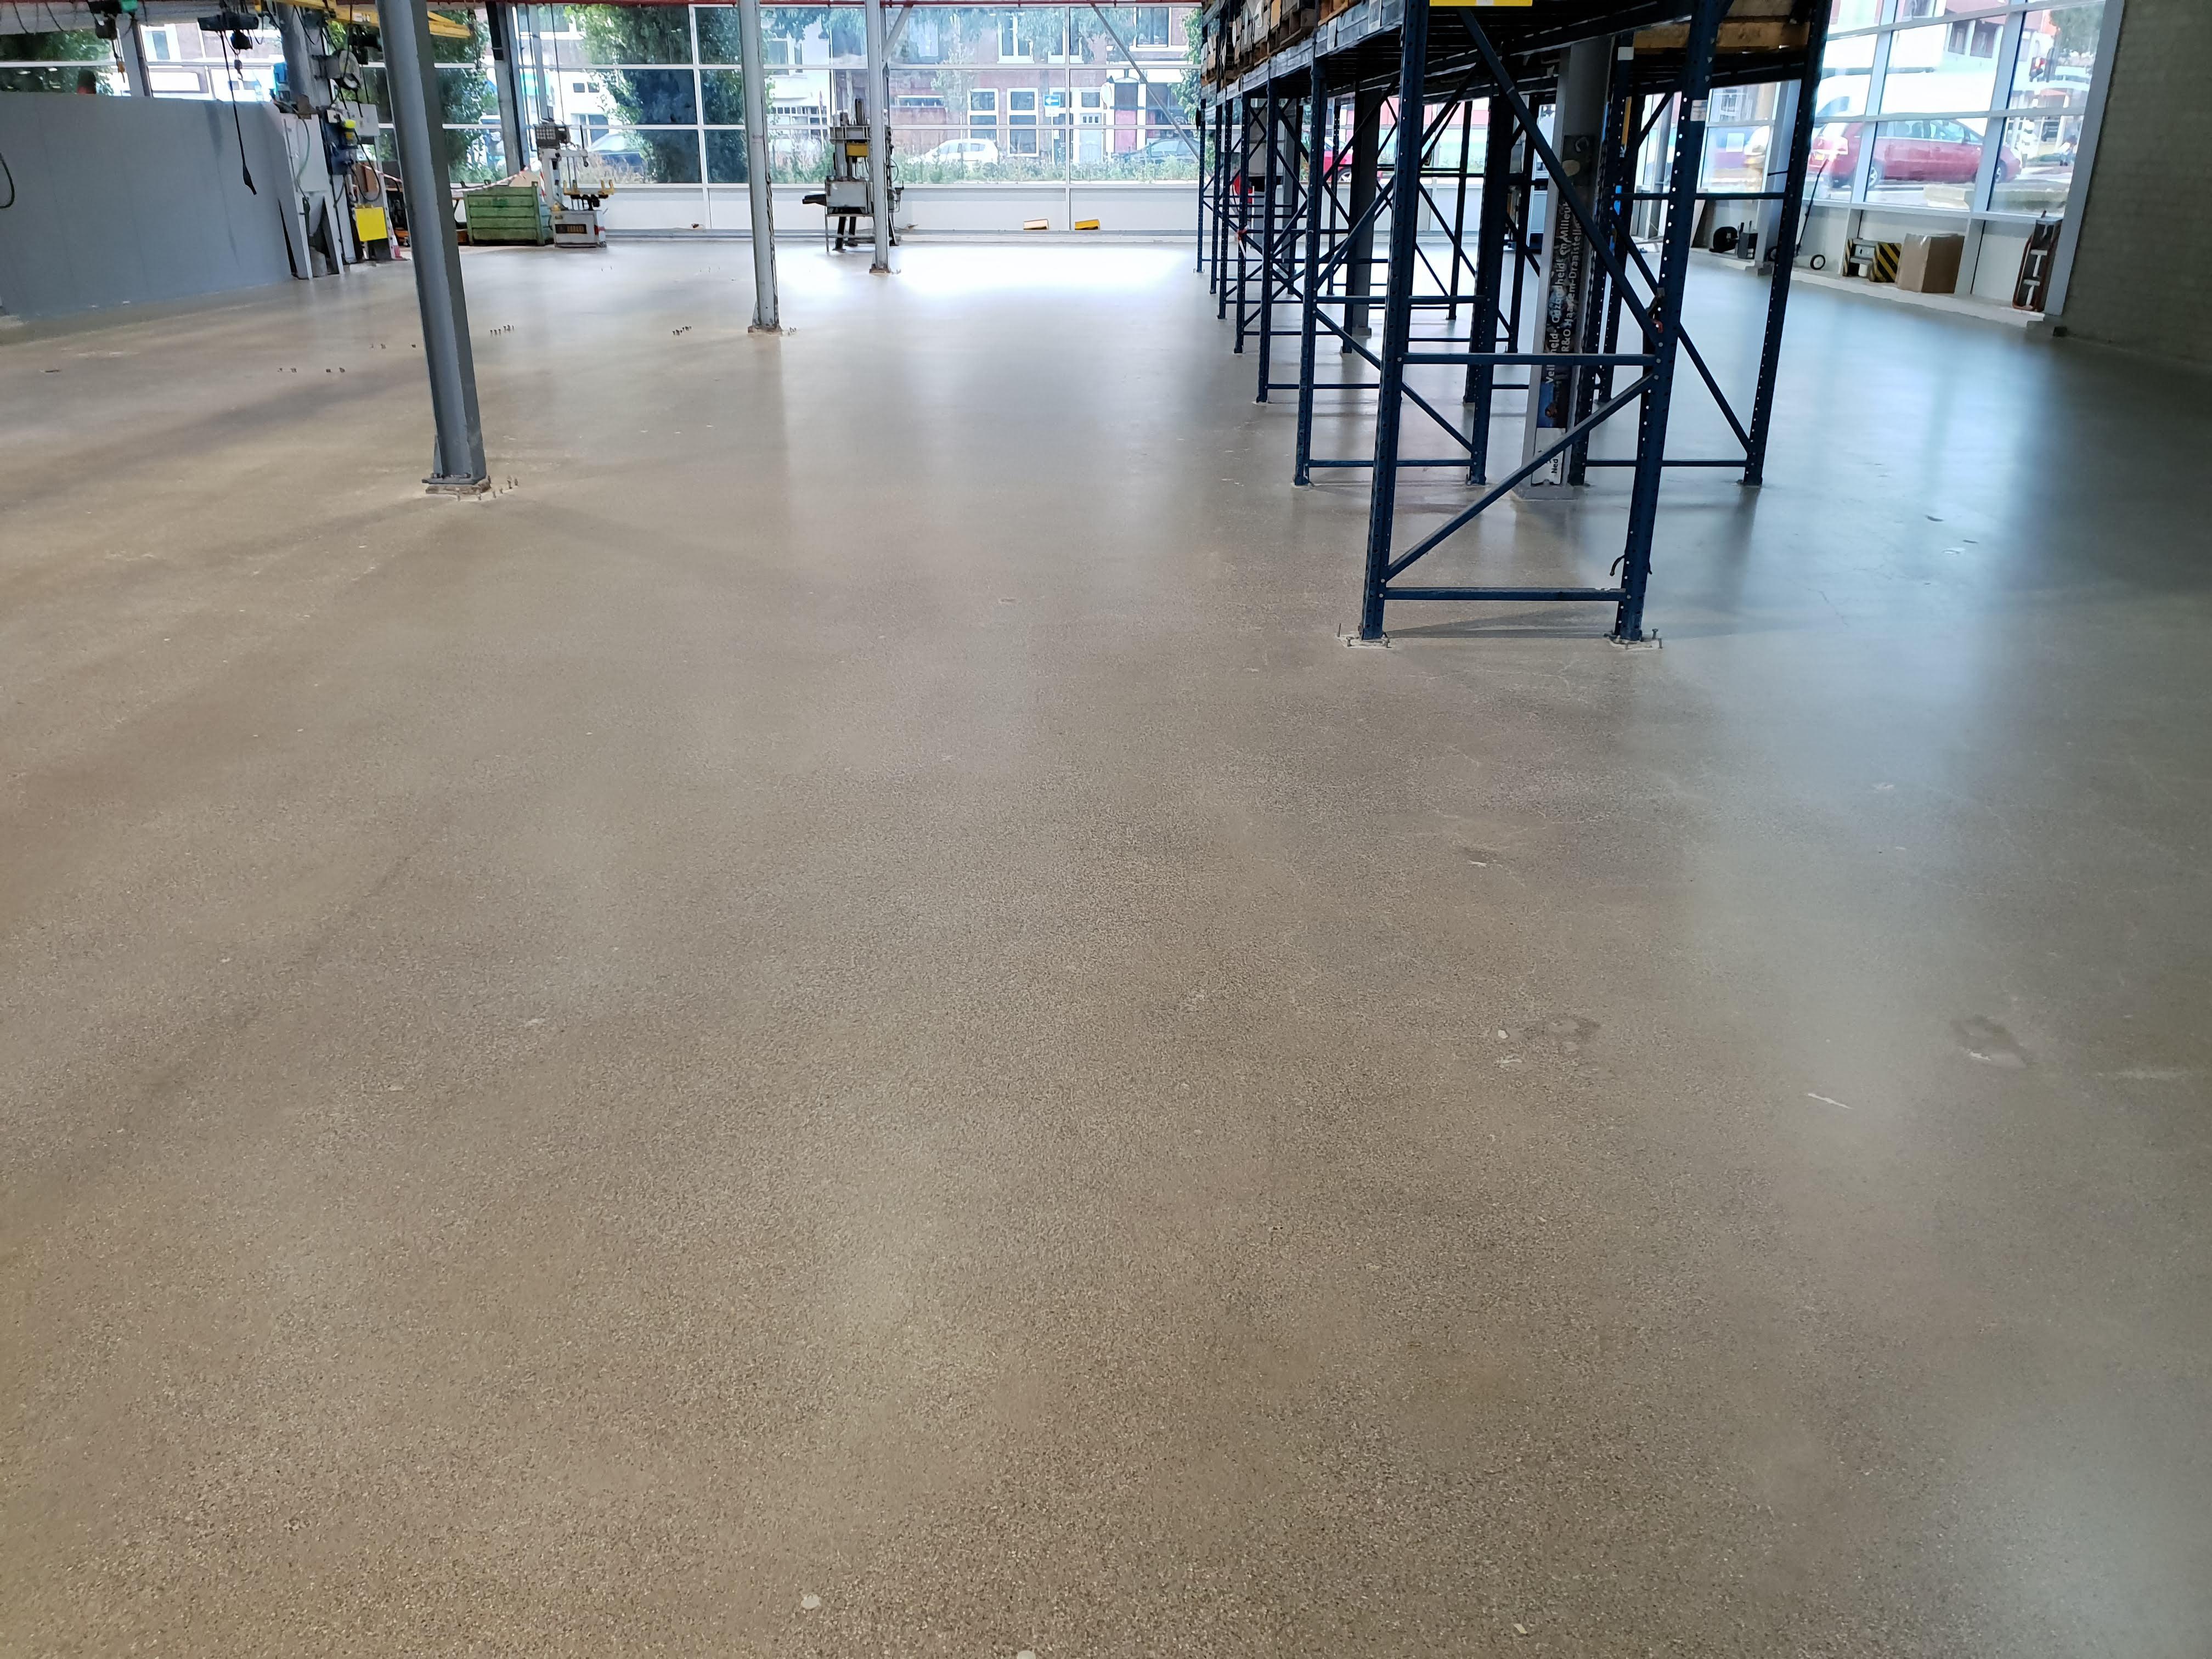 Beton polijsten: Met het polijsten van deze betonvloer nadat de oude en beschadigde gietvloer werd verwijderd is een nieuwe en representatieve betonvloer gemaakt klaar voor jaren gebruik.